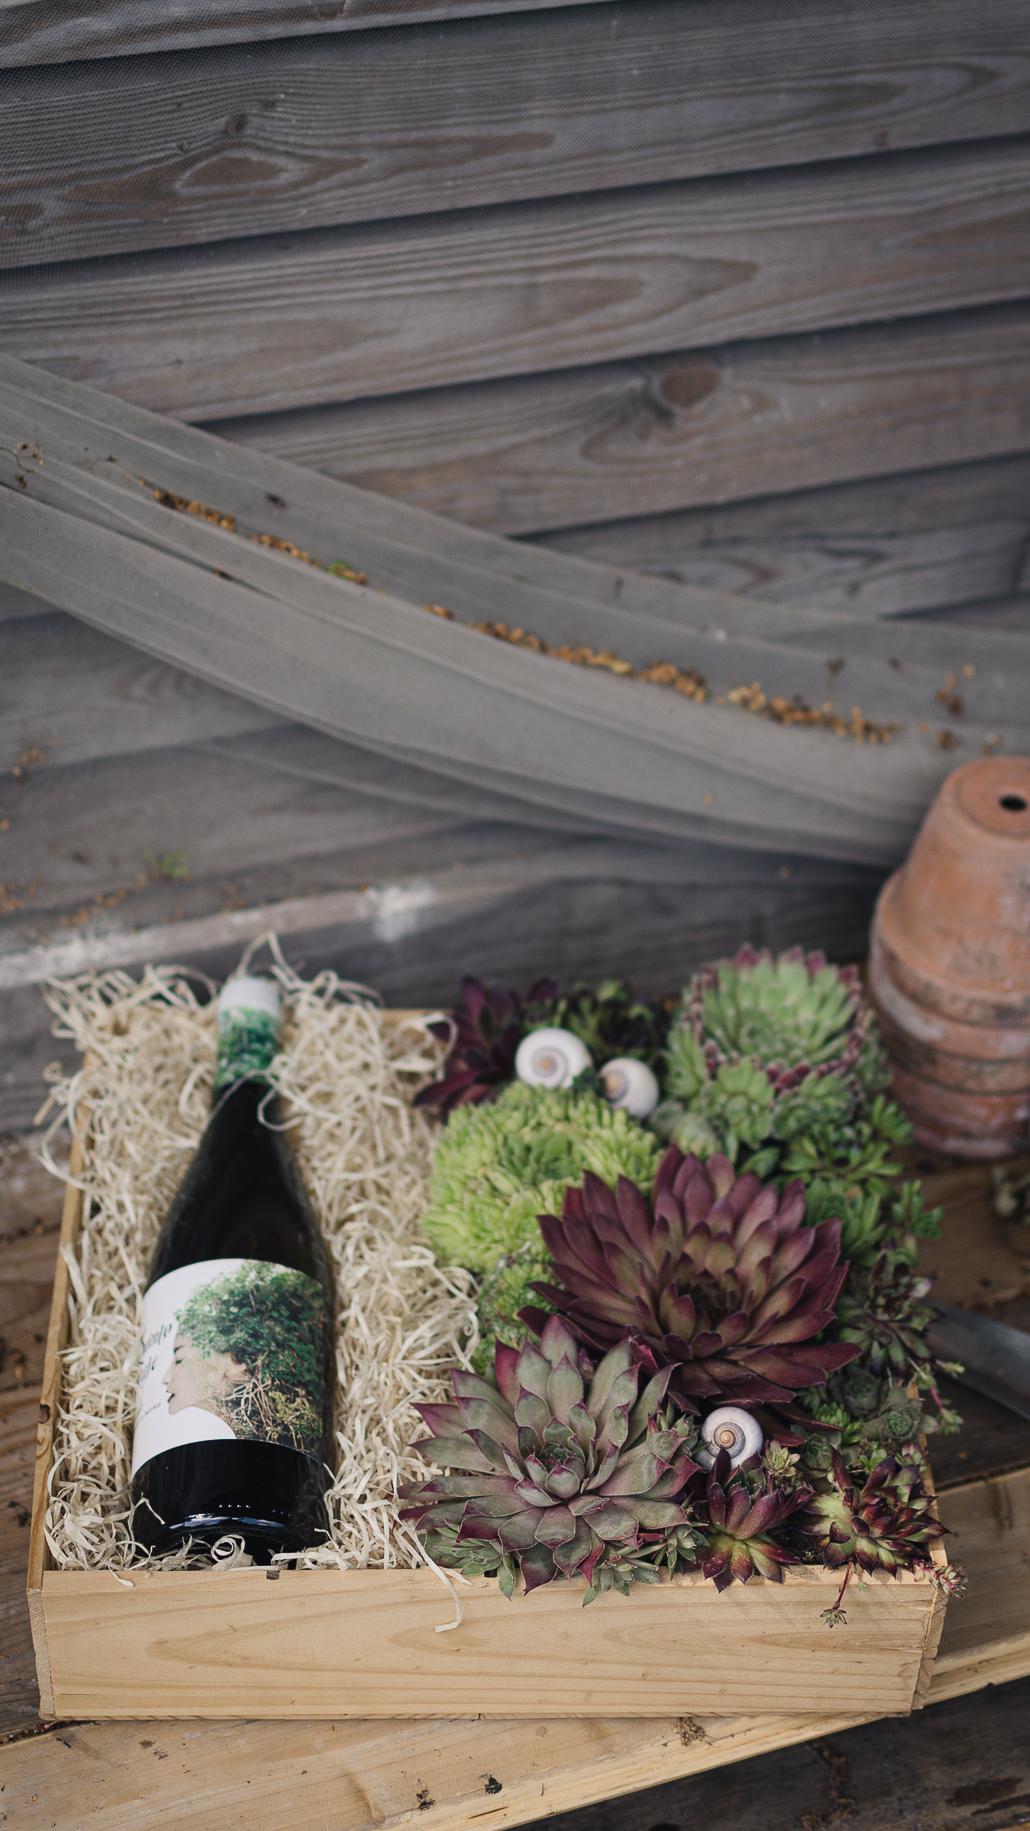 Geschenkidee für Weinlienhaber: Bepflanzte Weinkiste mit Sempervivum